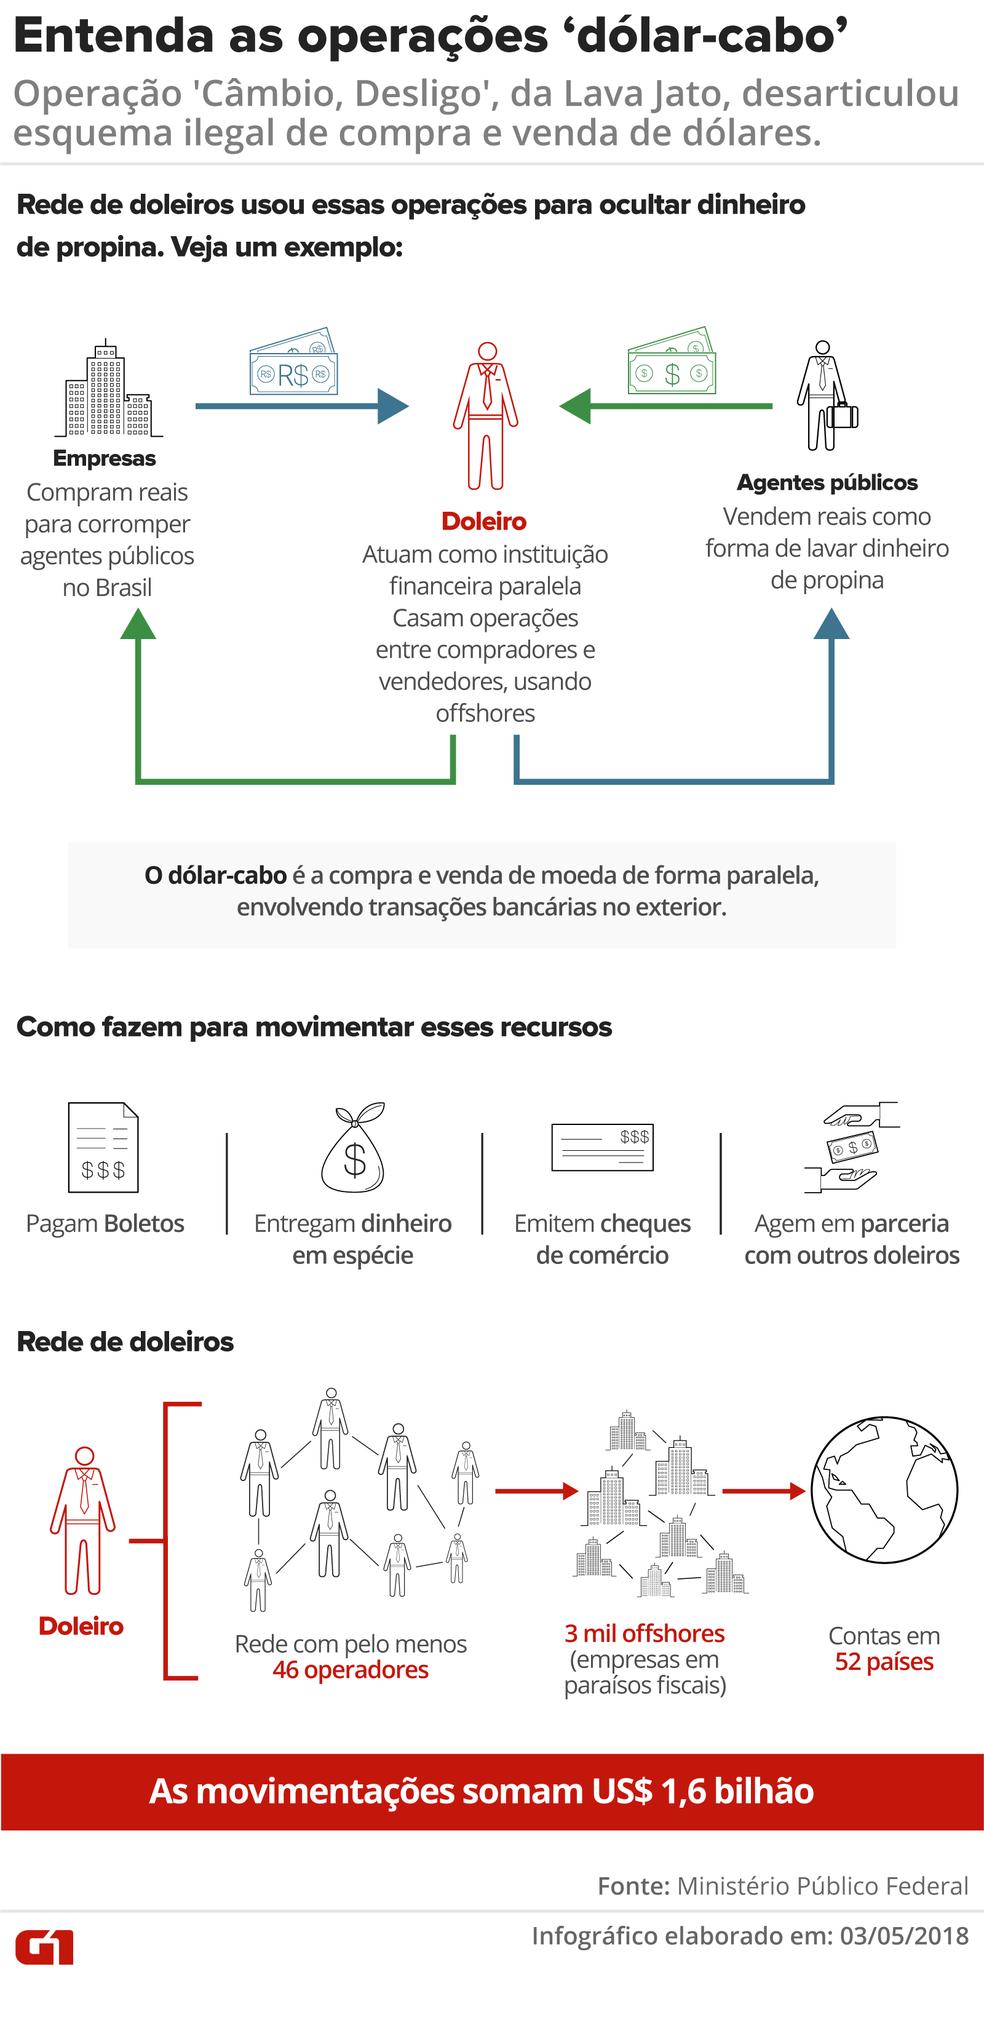 Infográfico mostra o esquema ilegal de compra e venda de dólares deflagrado na operação 'Câmbio, Desligo' (Foto: Infográfico: Juliane Monteiro/G1)